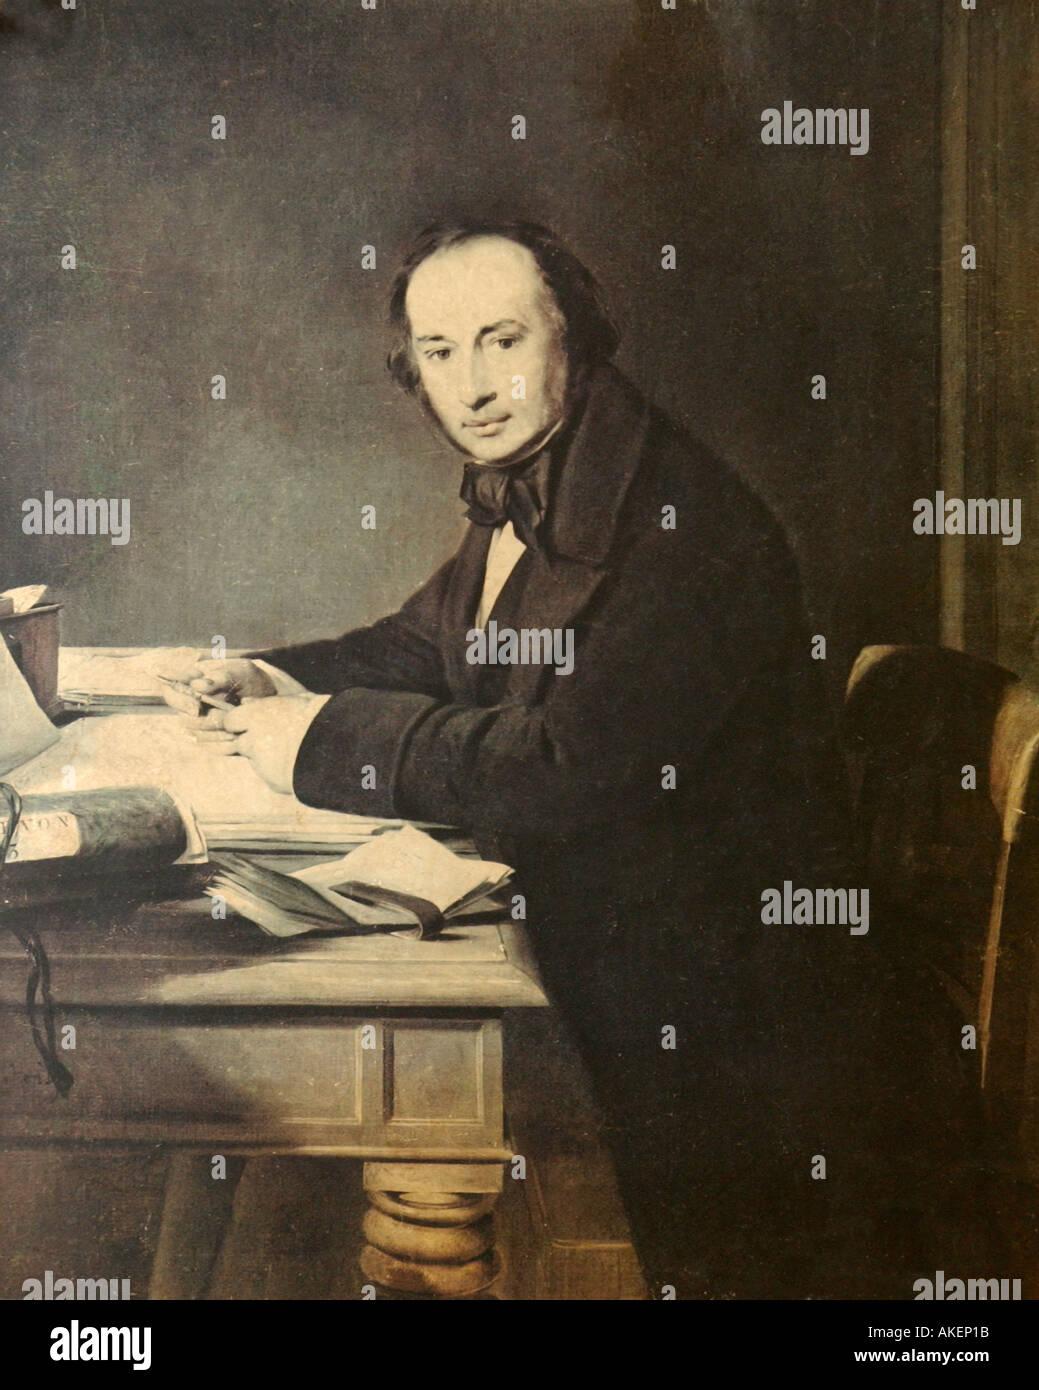 Isambard Kingdom Brunel - Stock Image